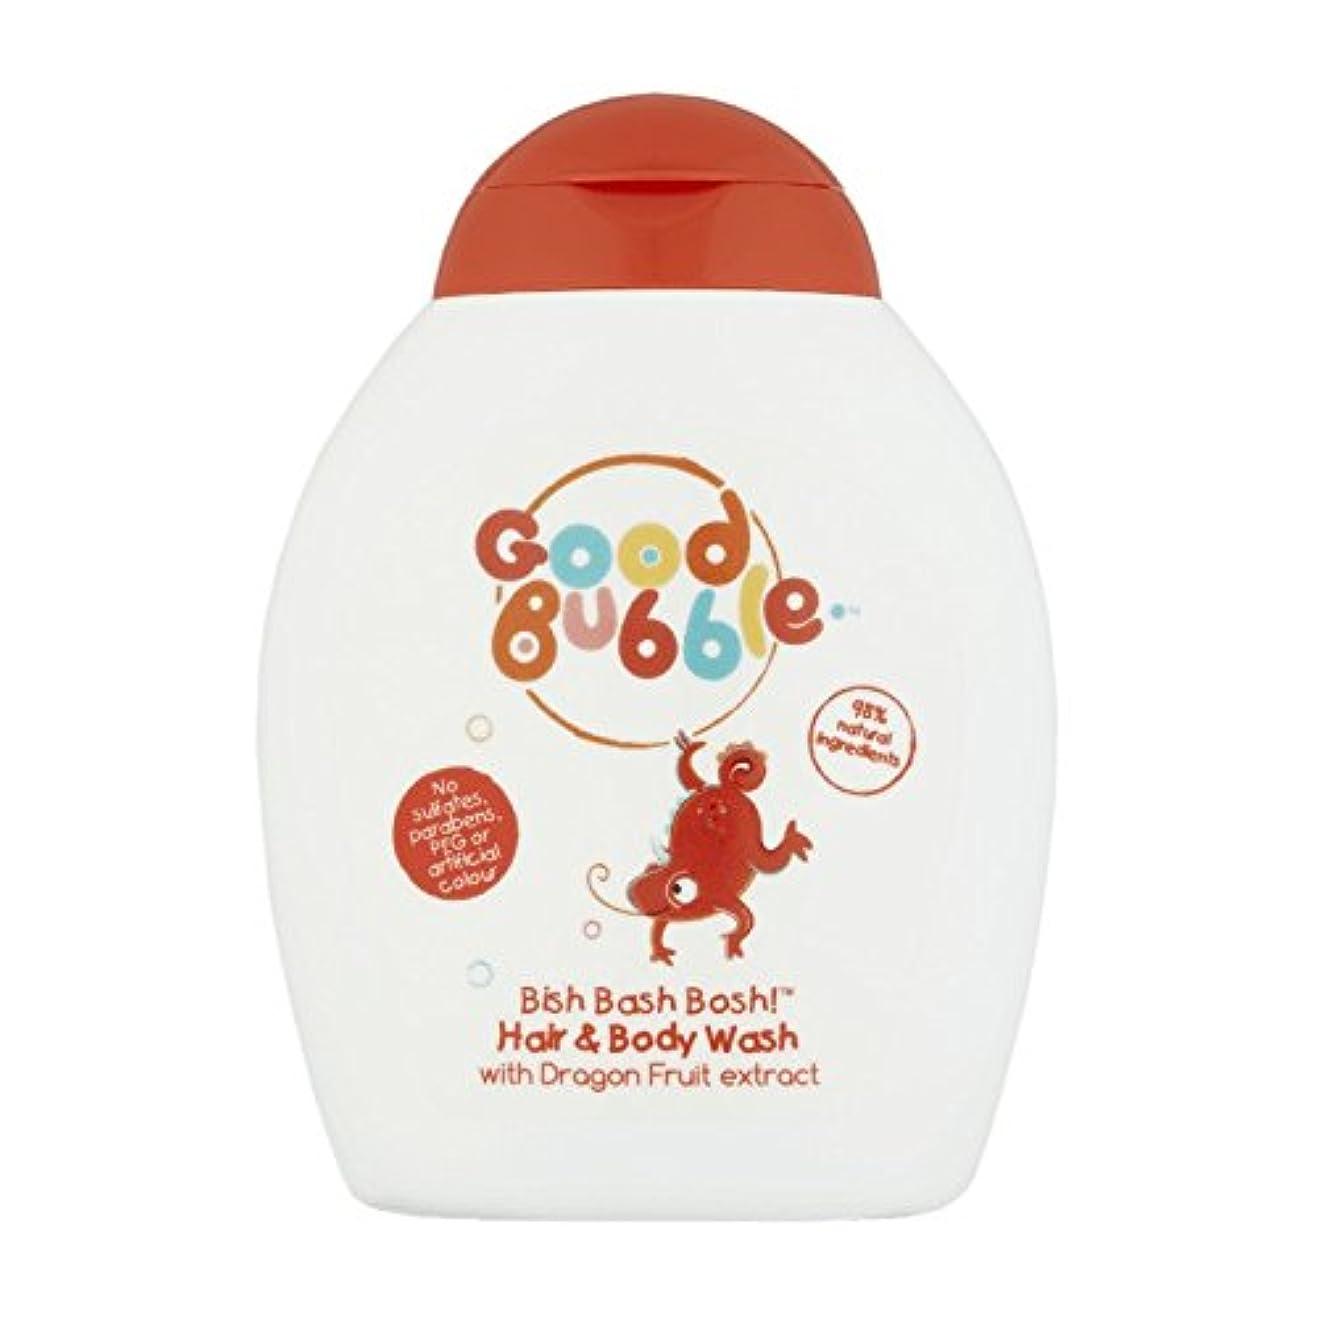 バース専門知識余剰Good Bubble Dragon Fruit Hair & Body Wash 250ml (Pack of 2) - 良いバブルドラゴンフルーツのヘア&ボディウォッシュ250ミリリットル (x2) [並行輸入品]